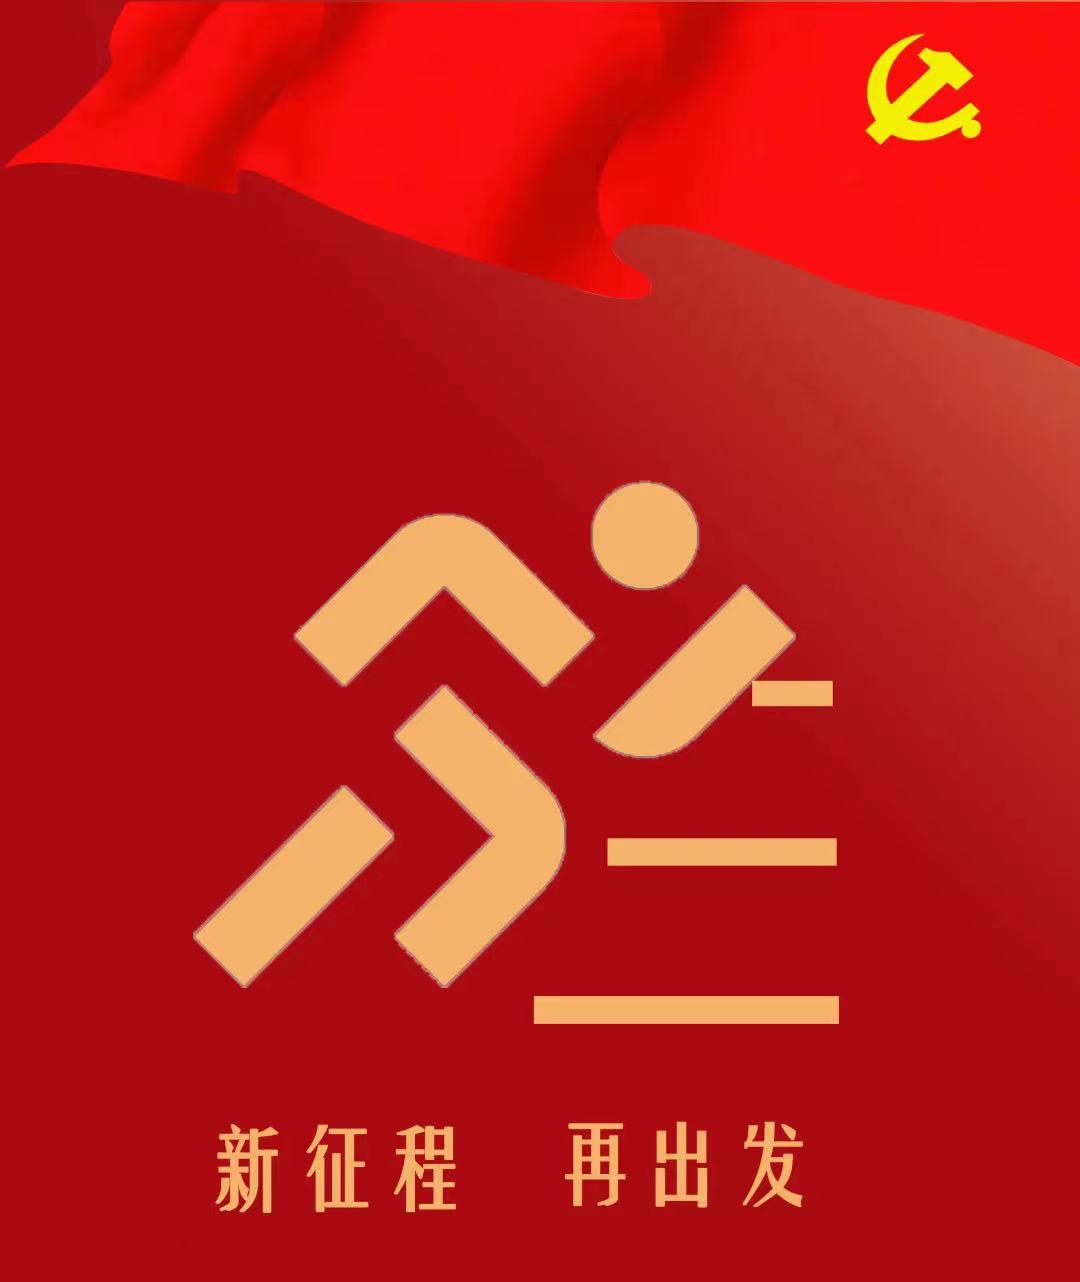 """""""红色动力""""党建品牌  ——海南装饰党总支"""